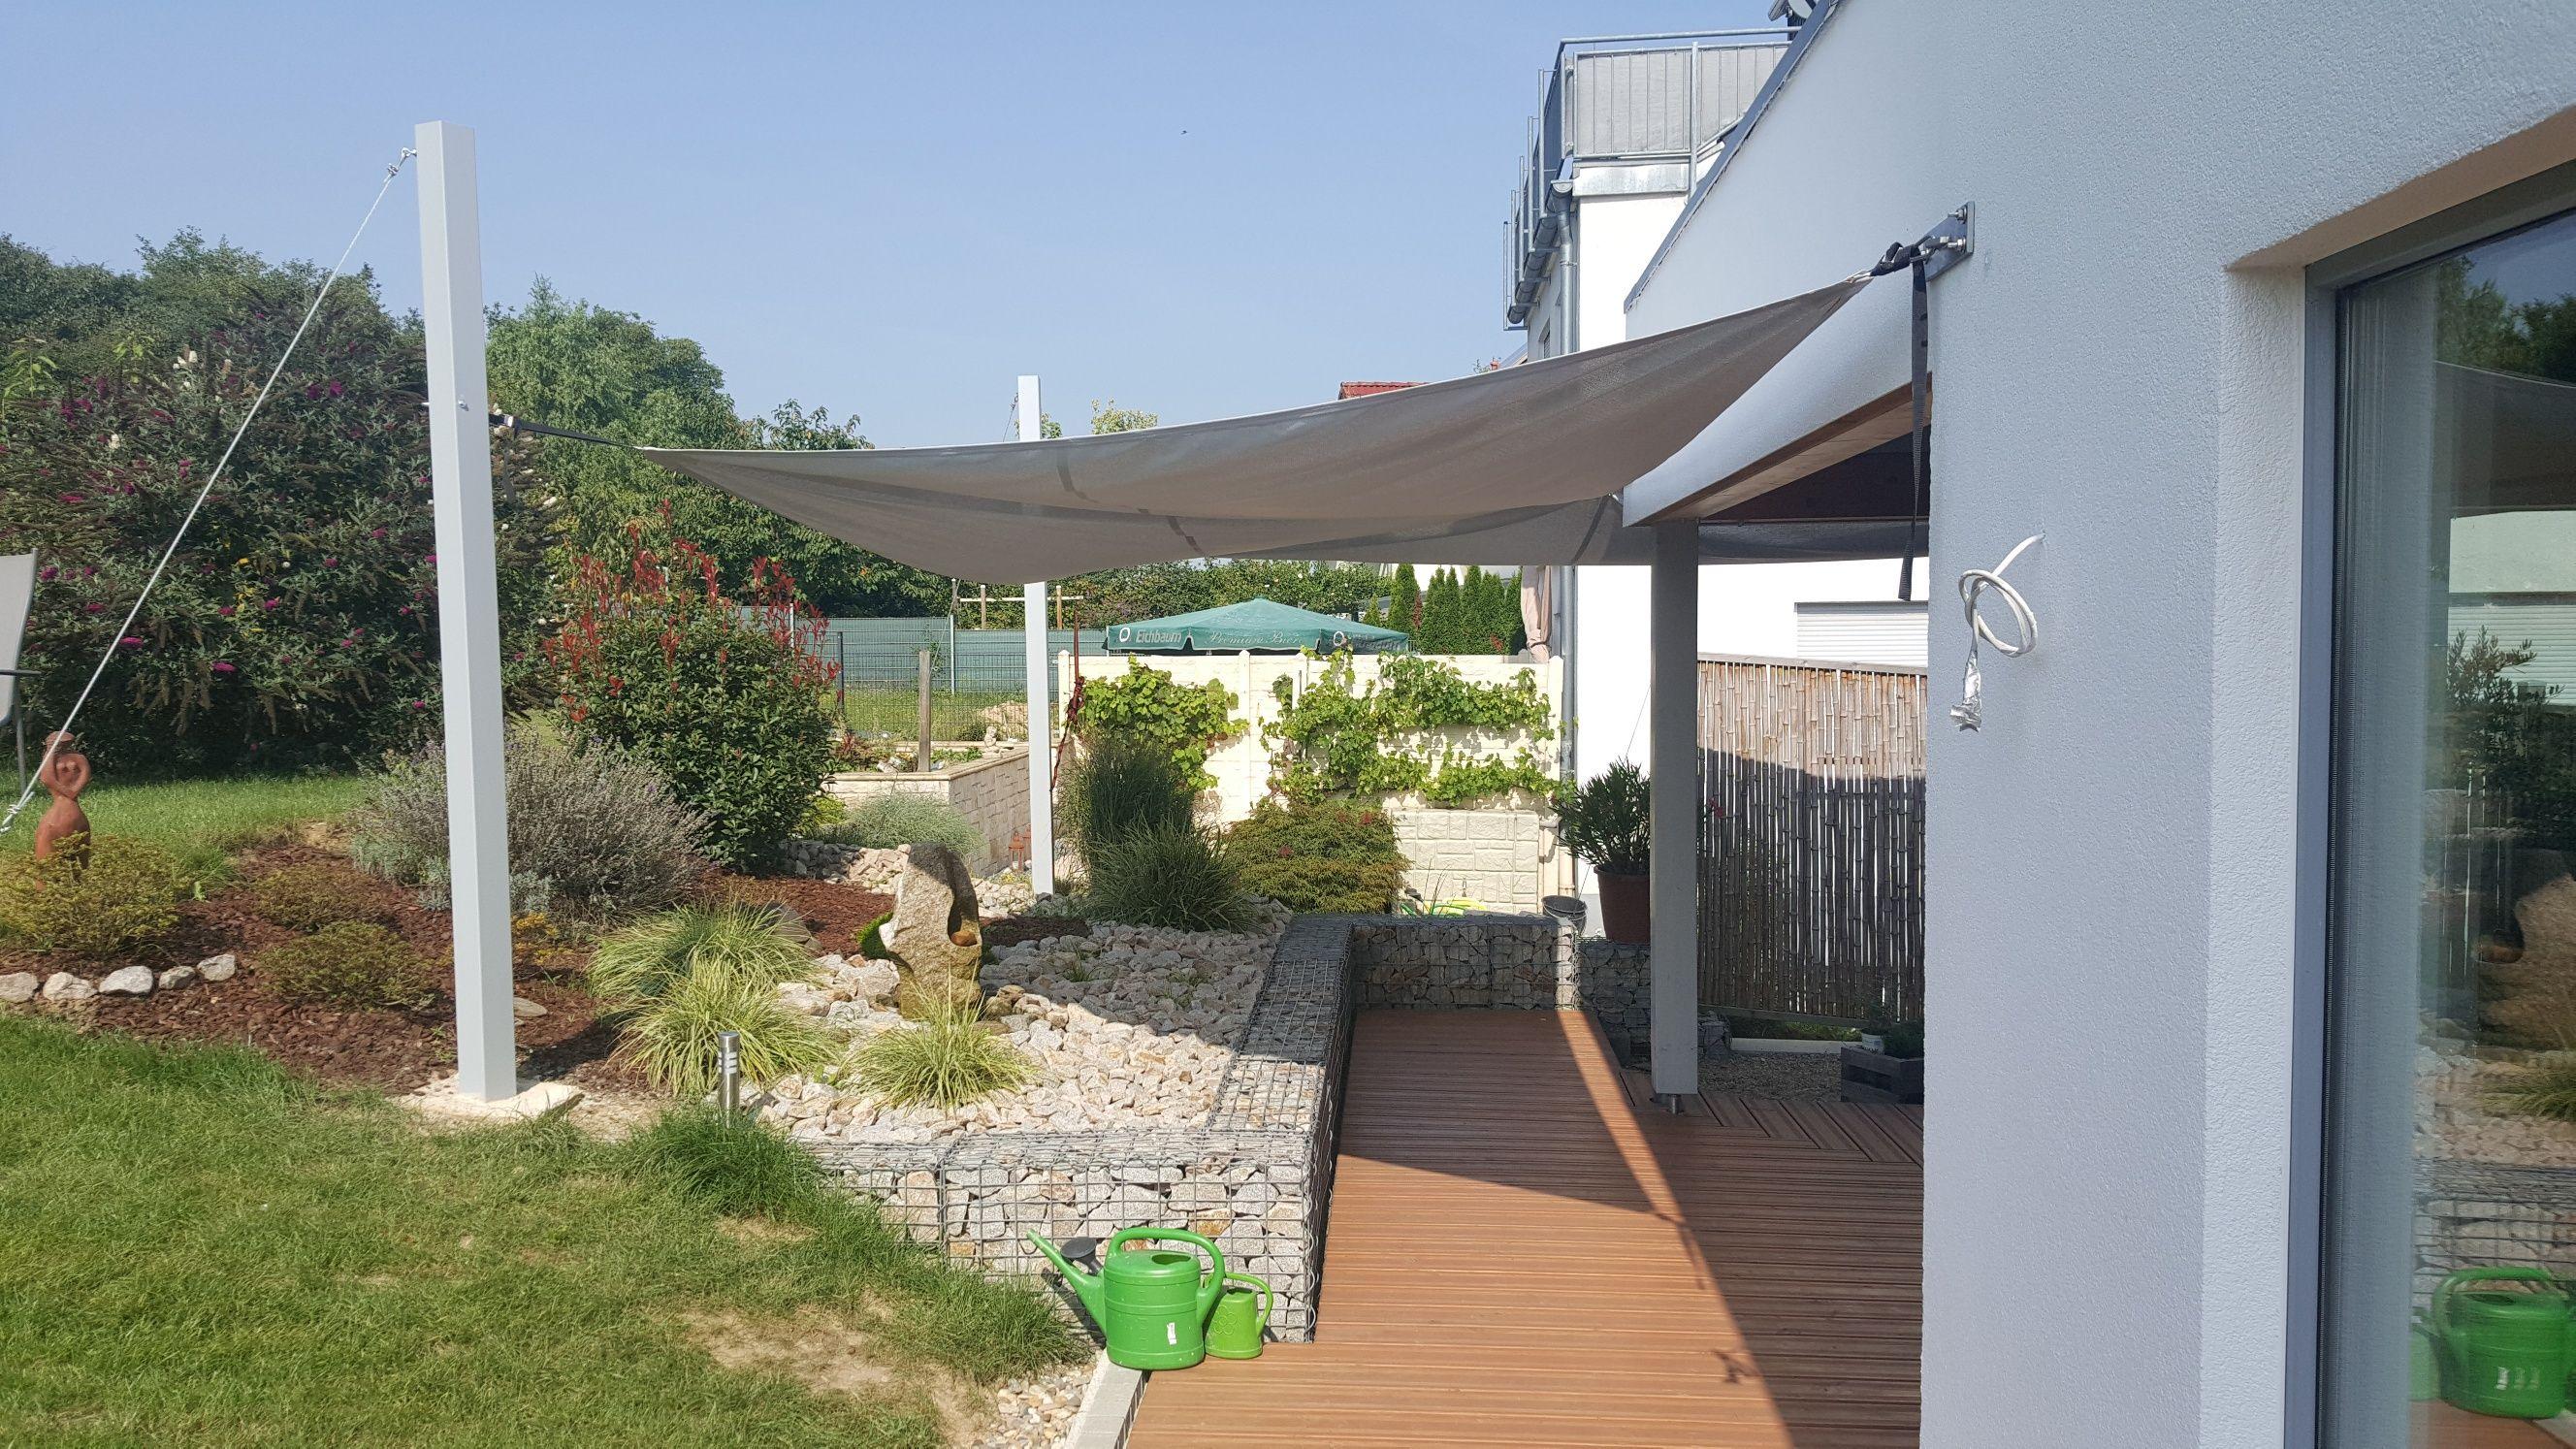 Terrasse Und Grundstück Mit Gabionen Gestaltet, Wirkungsvoll Und  Individuell. #IdeenAusDrahtUndStein #DrahtSteinMauer #